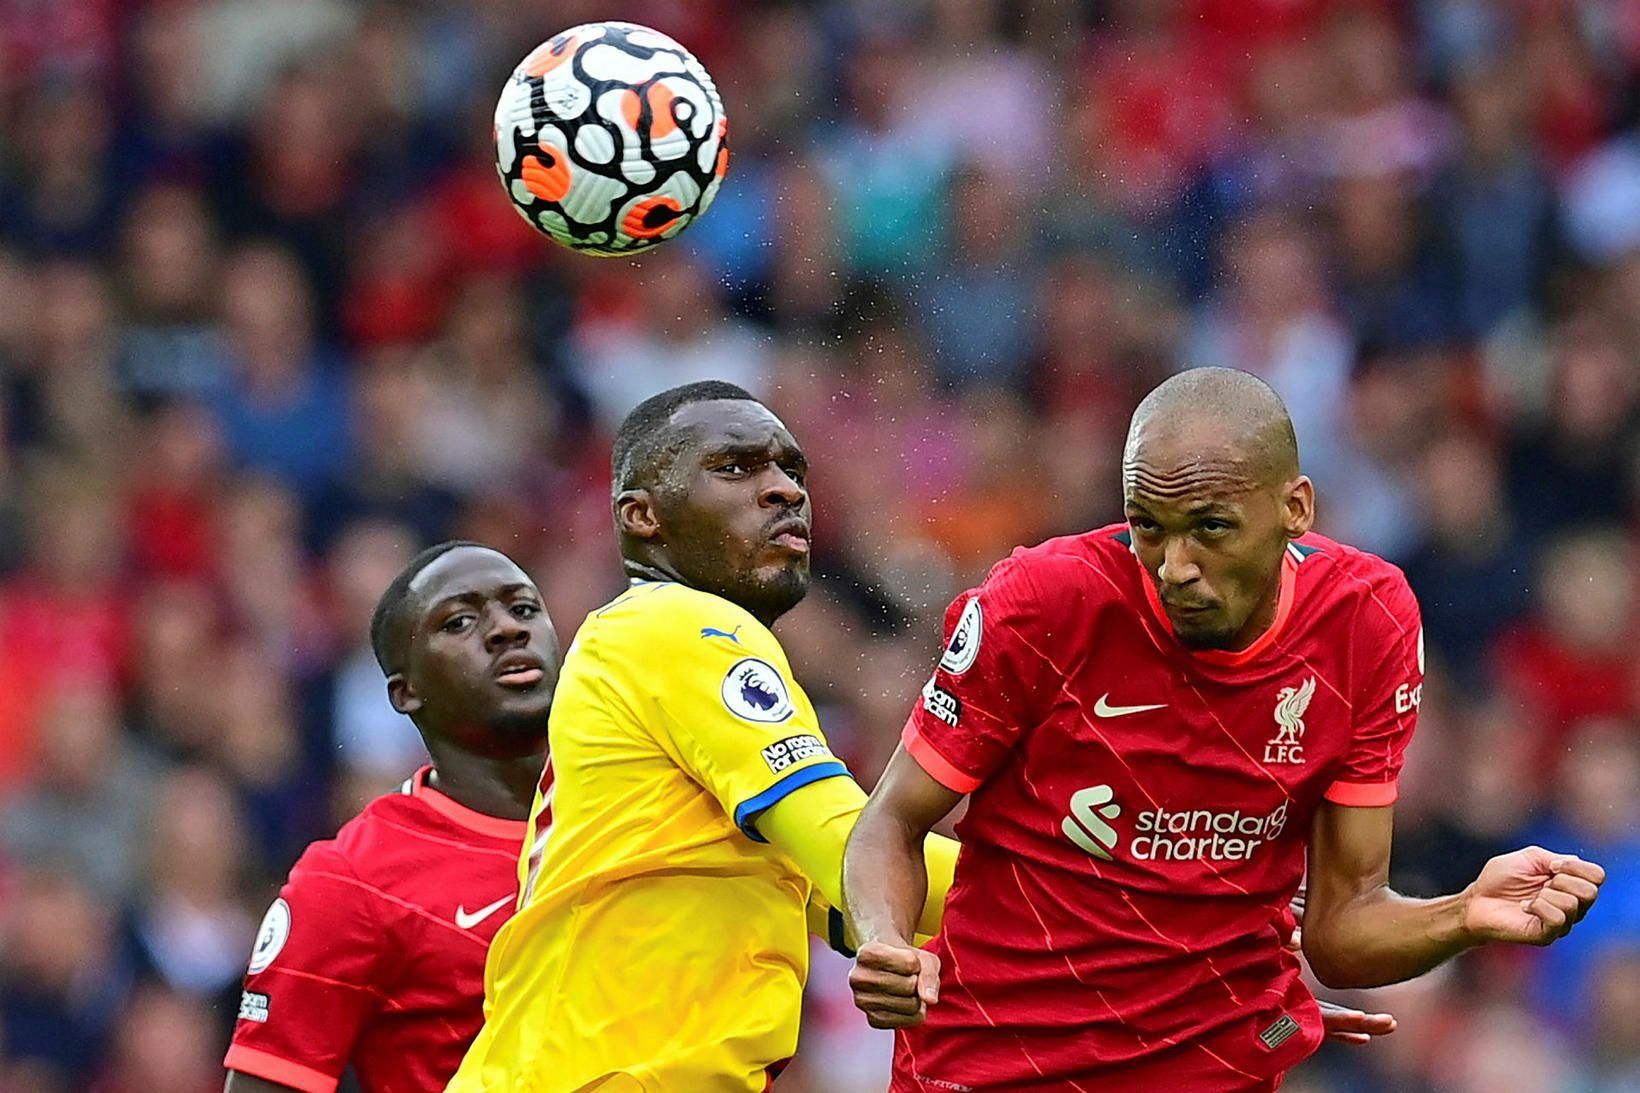 Fabinho, miðjumaður Liverpool, er á meðal þeirra Brasilíumanna sem hafa …